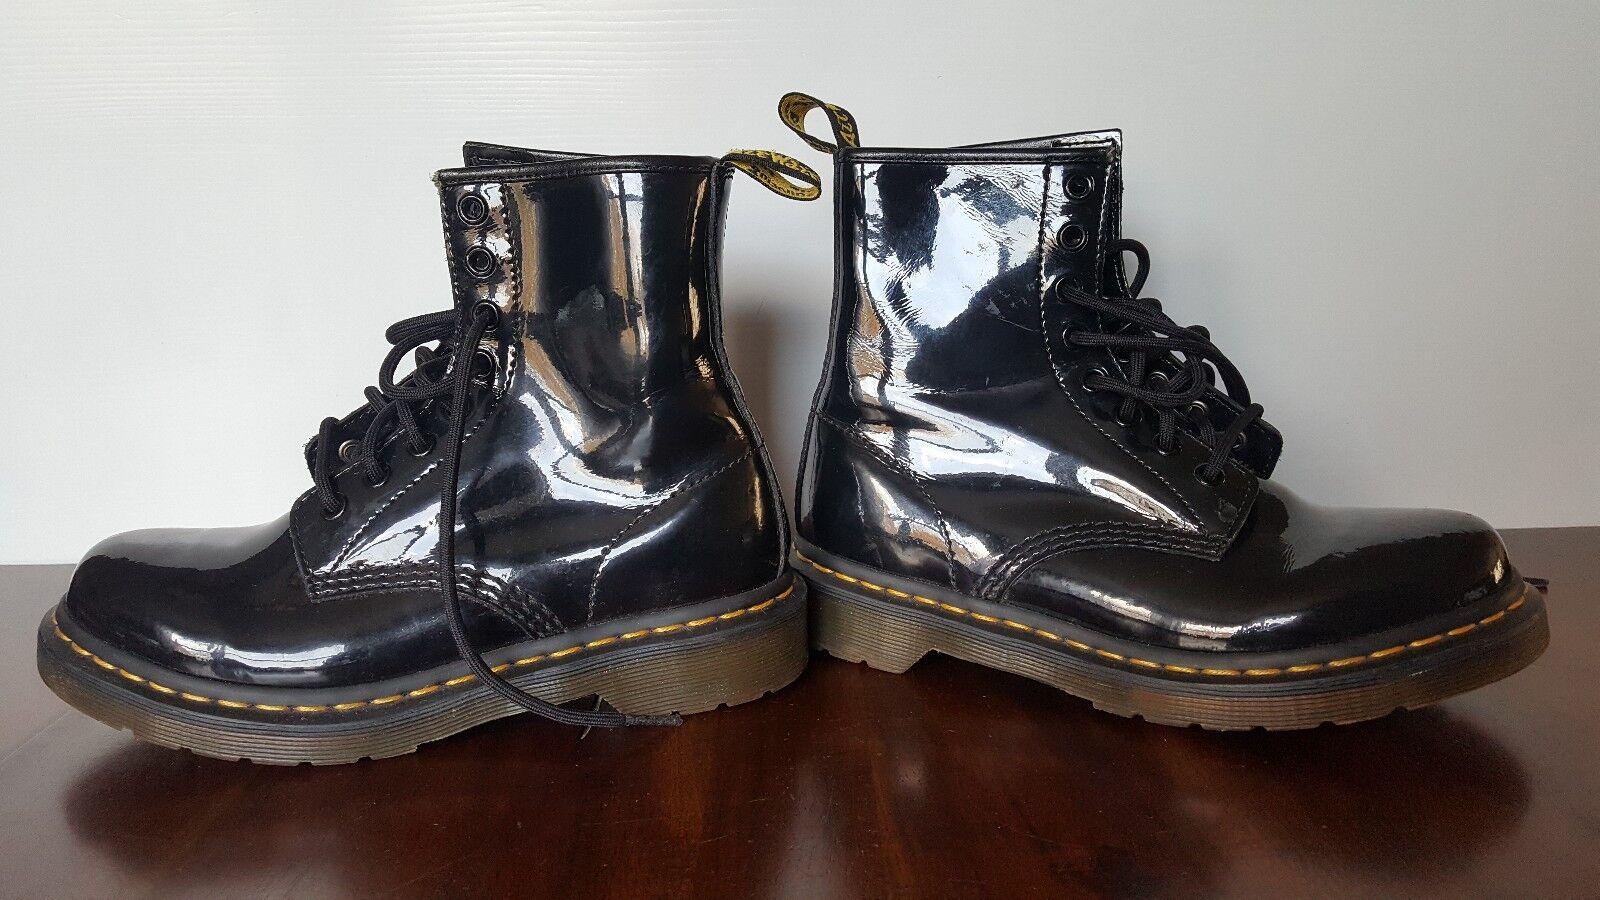 Women's DR. MARTENS Black Patent Leather 8 Eye Lace Combat Combat Combat Boots 1460 W Sz 6L 6882c2